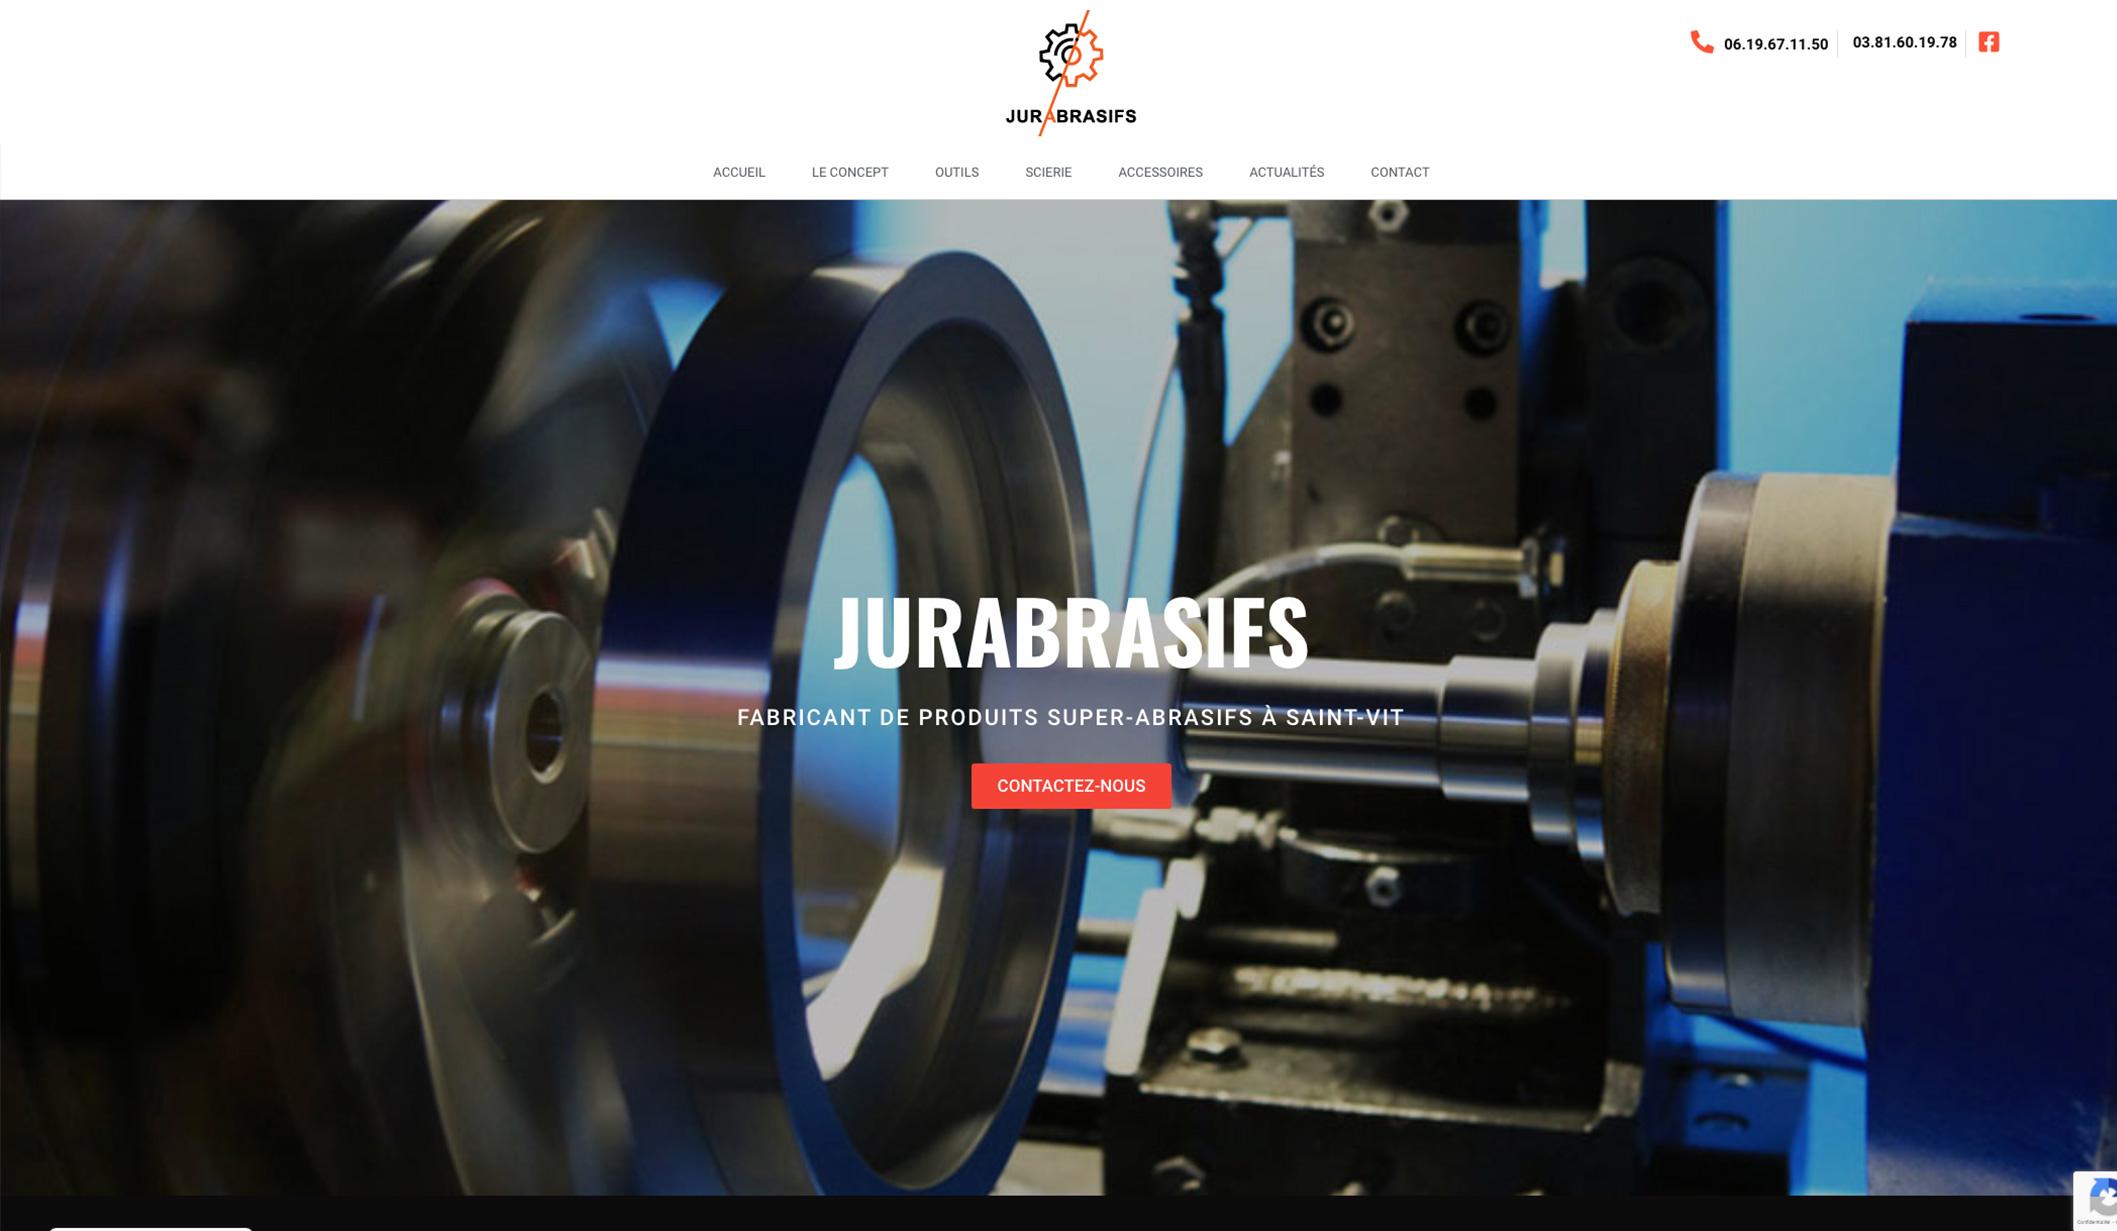 Jurabrasifs, création de site web - Création de site internet